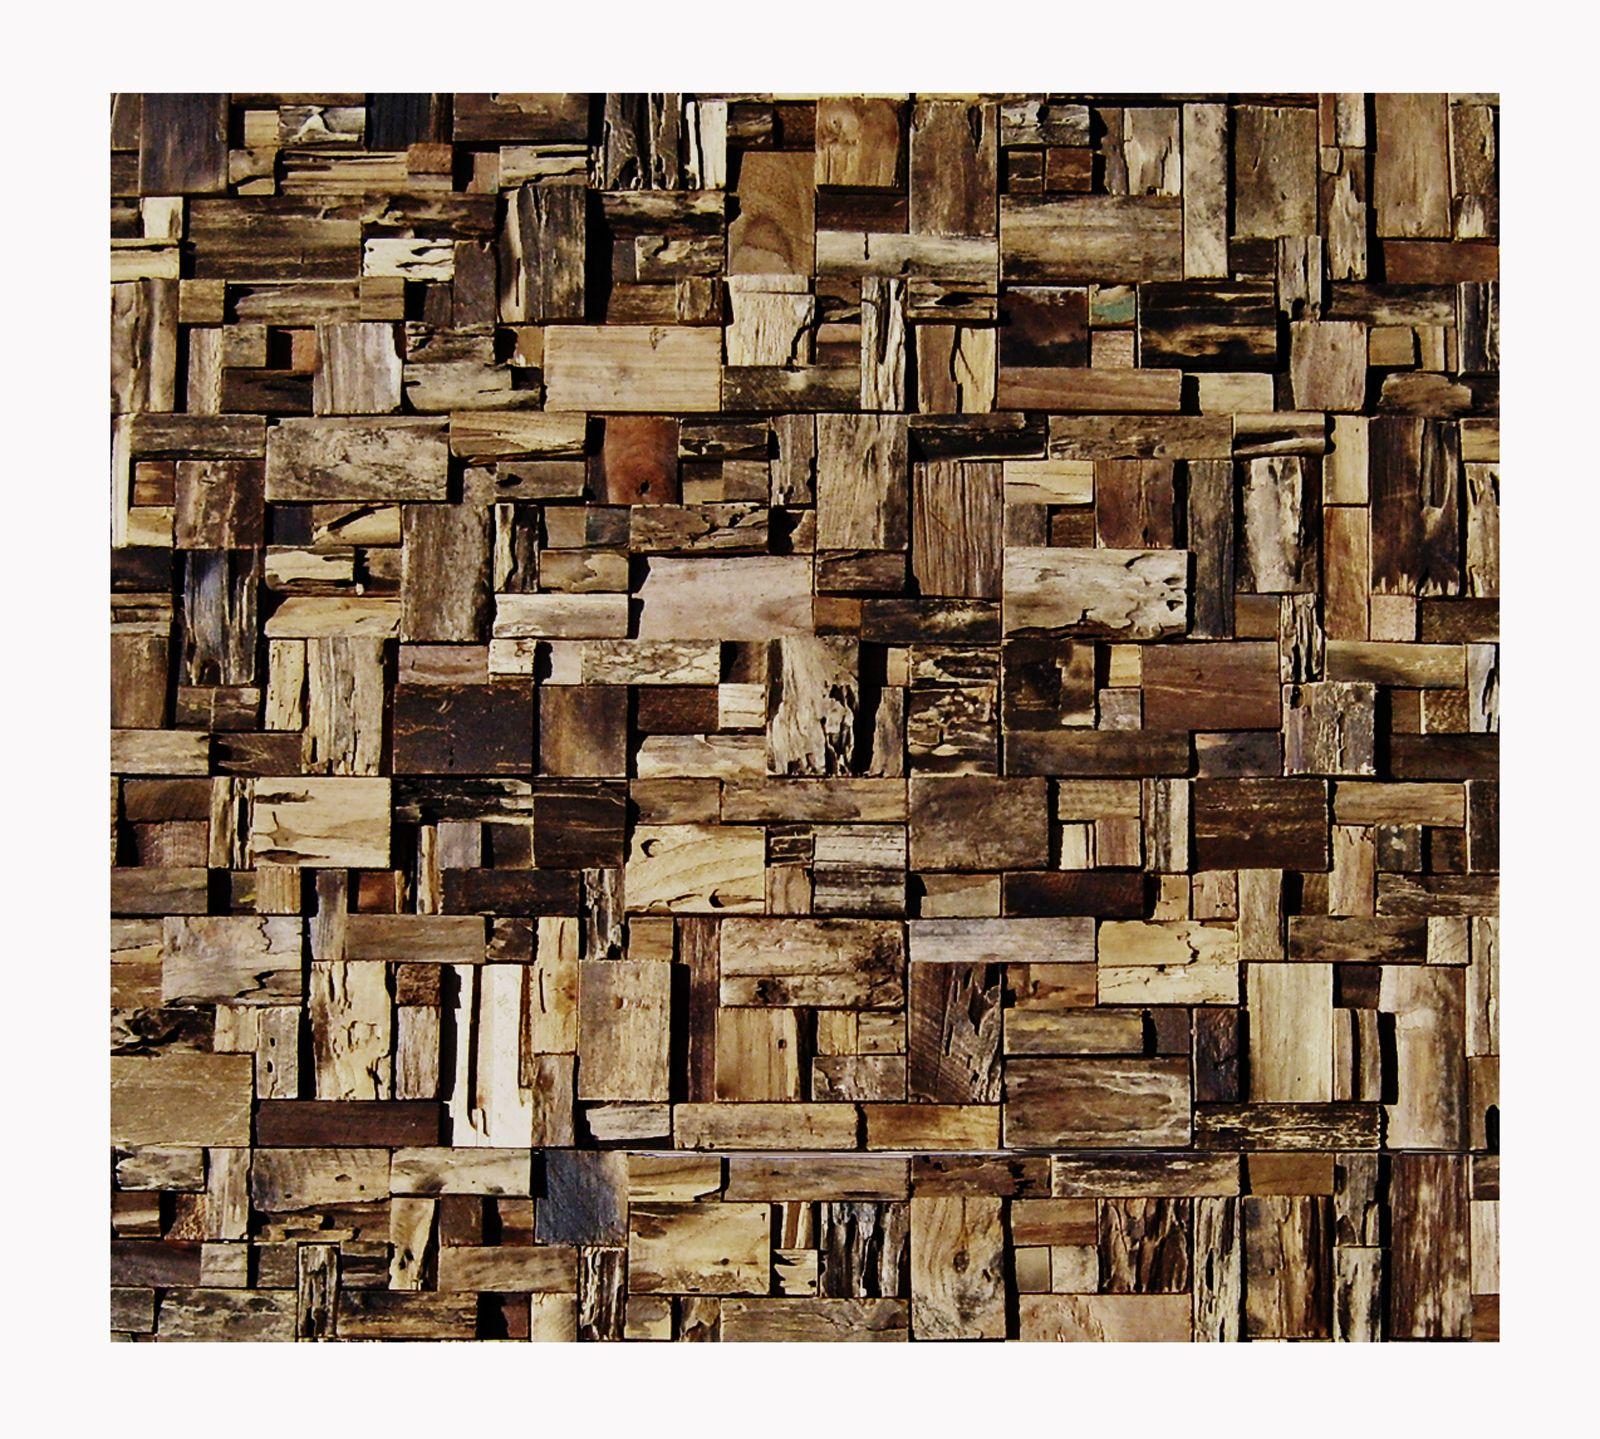 3d wand verblender teak holz mosaik sie k nnen die wand verblender und mosaikfliesen auch im. Black Bedroom Furniture Sets. Home Design Ideas